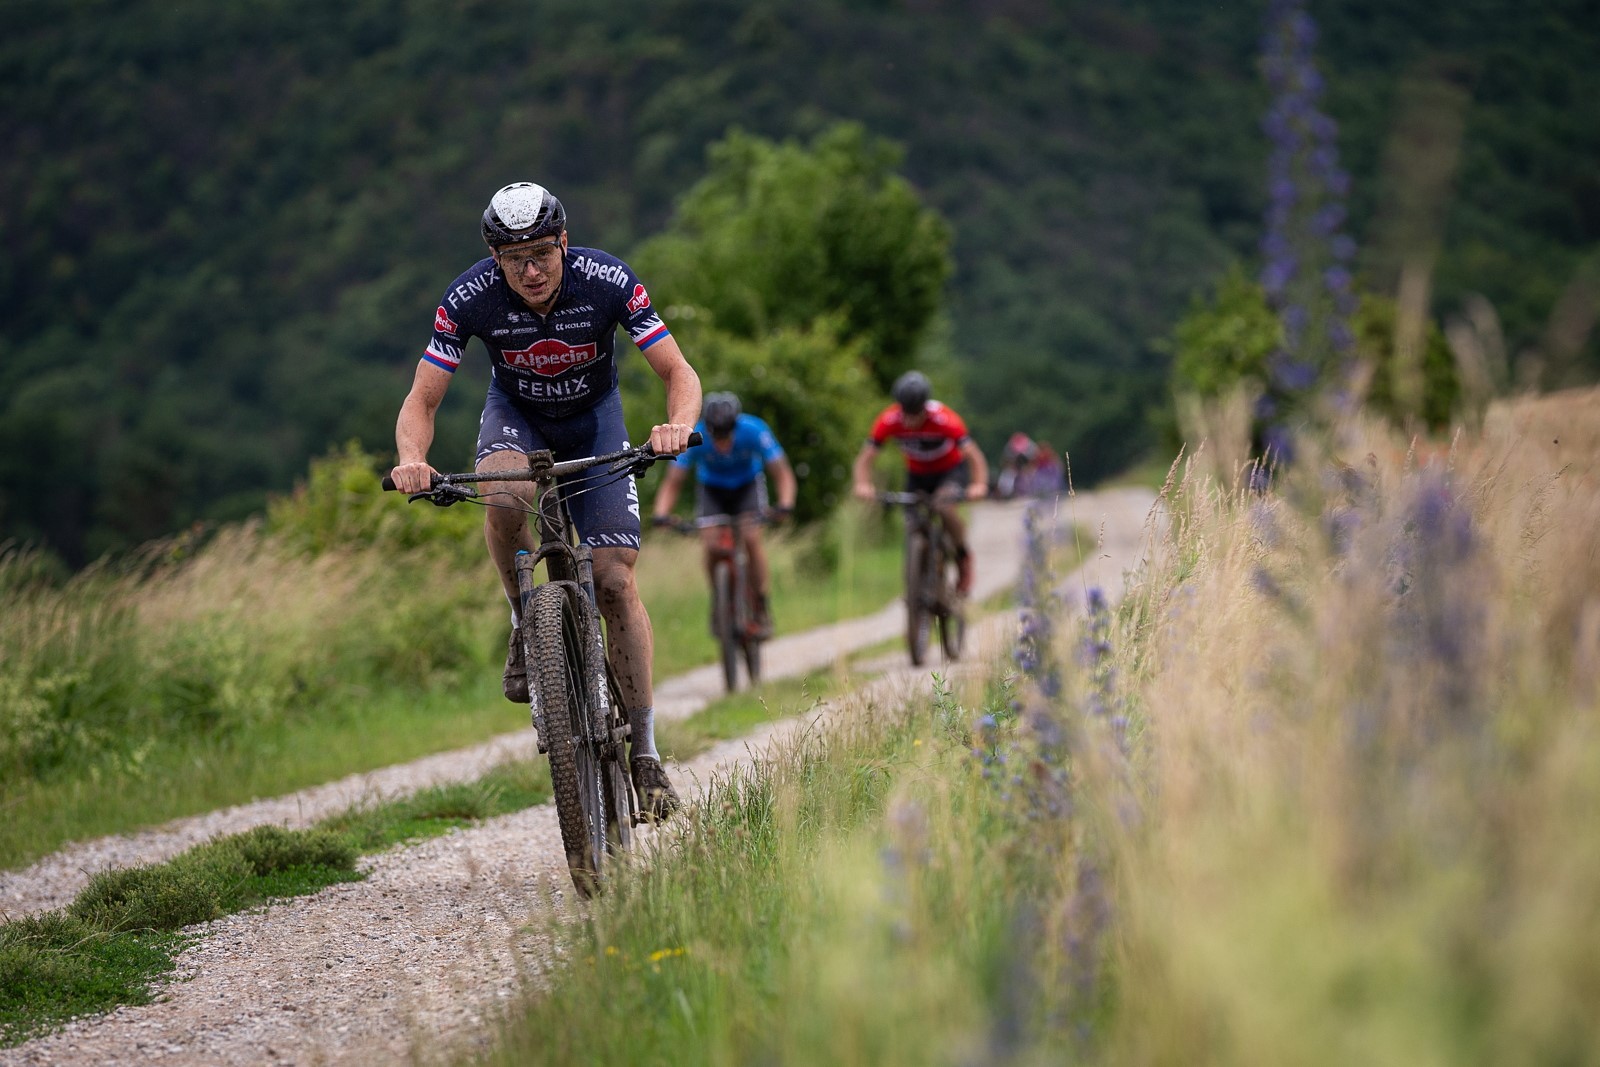 Petr Vakoč z týmu Alpecin-Fenix absolvoval první tréninky po dovolené v sedle horského kola. oto: Michal Červený